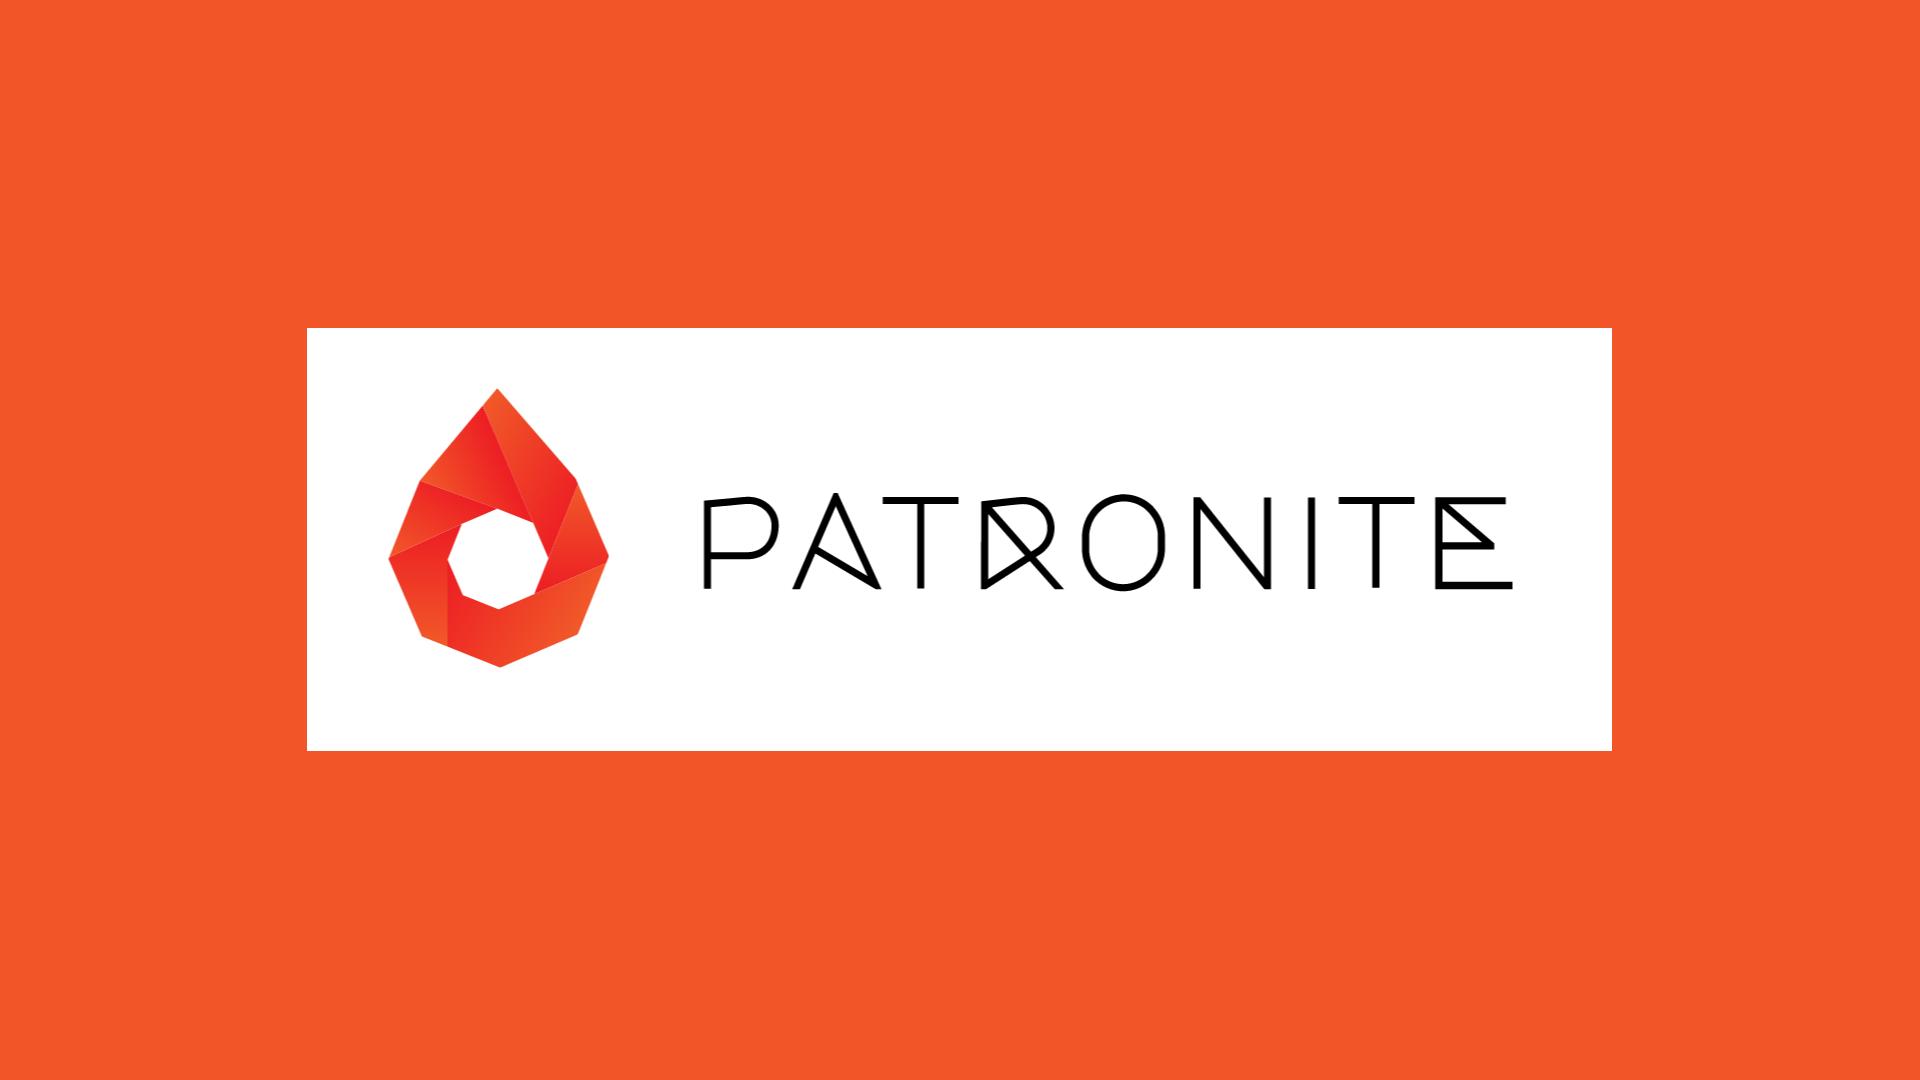 SzachMatt na Patronite.pl - Kopsnij drobnymi na rozwój